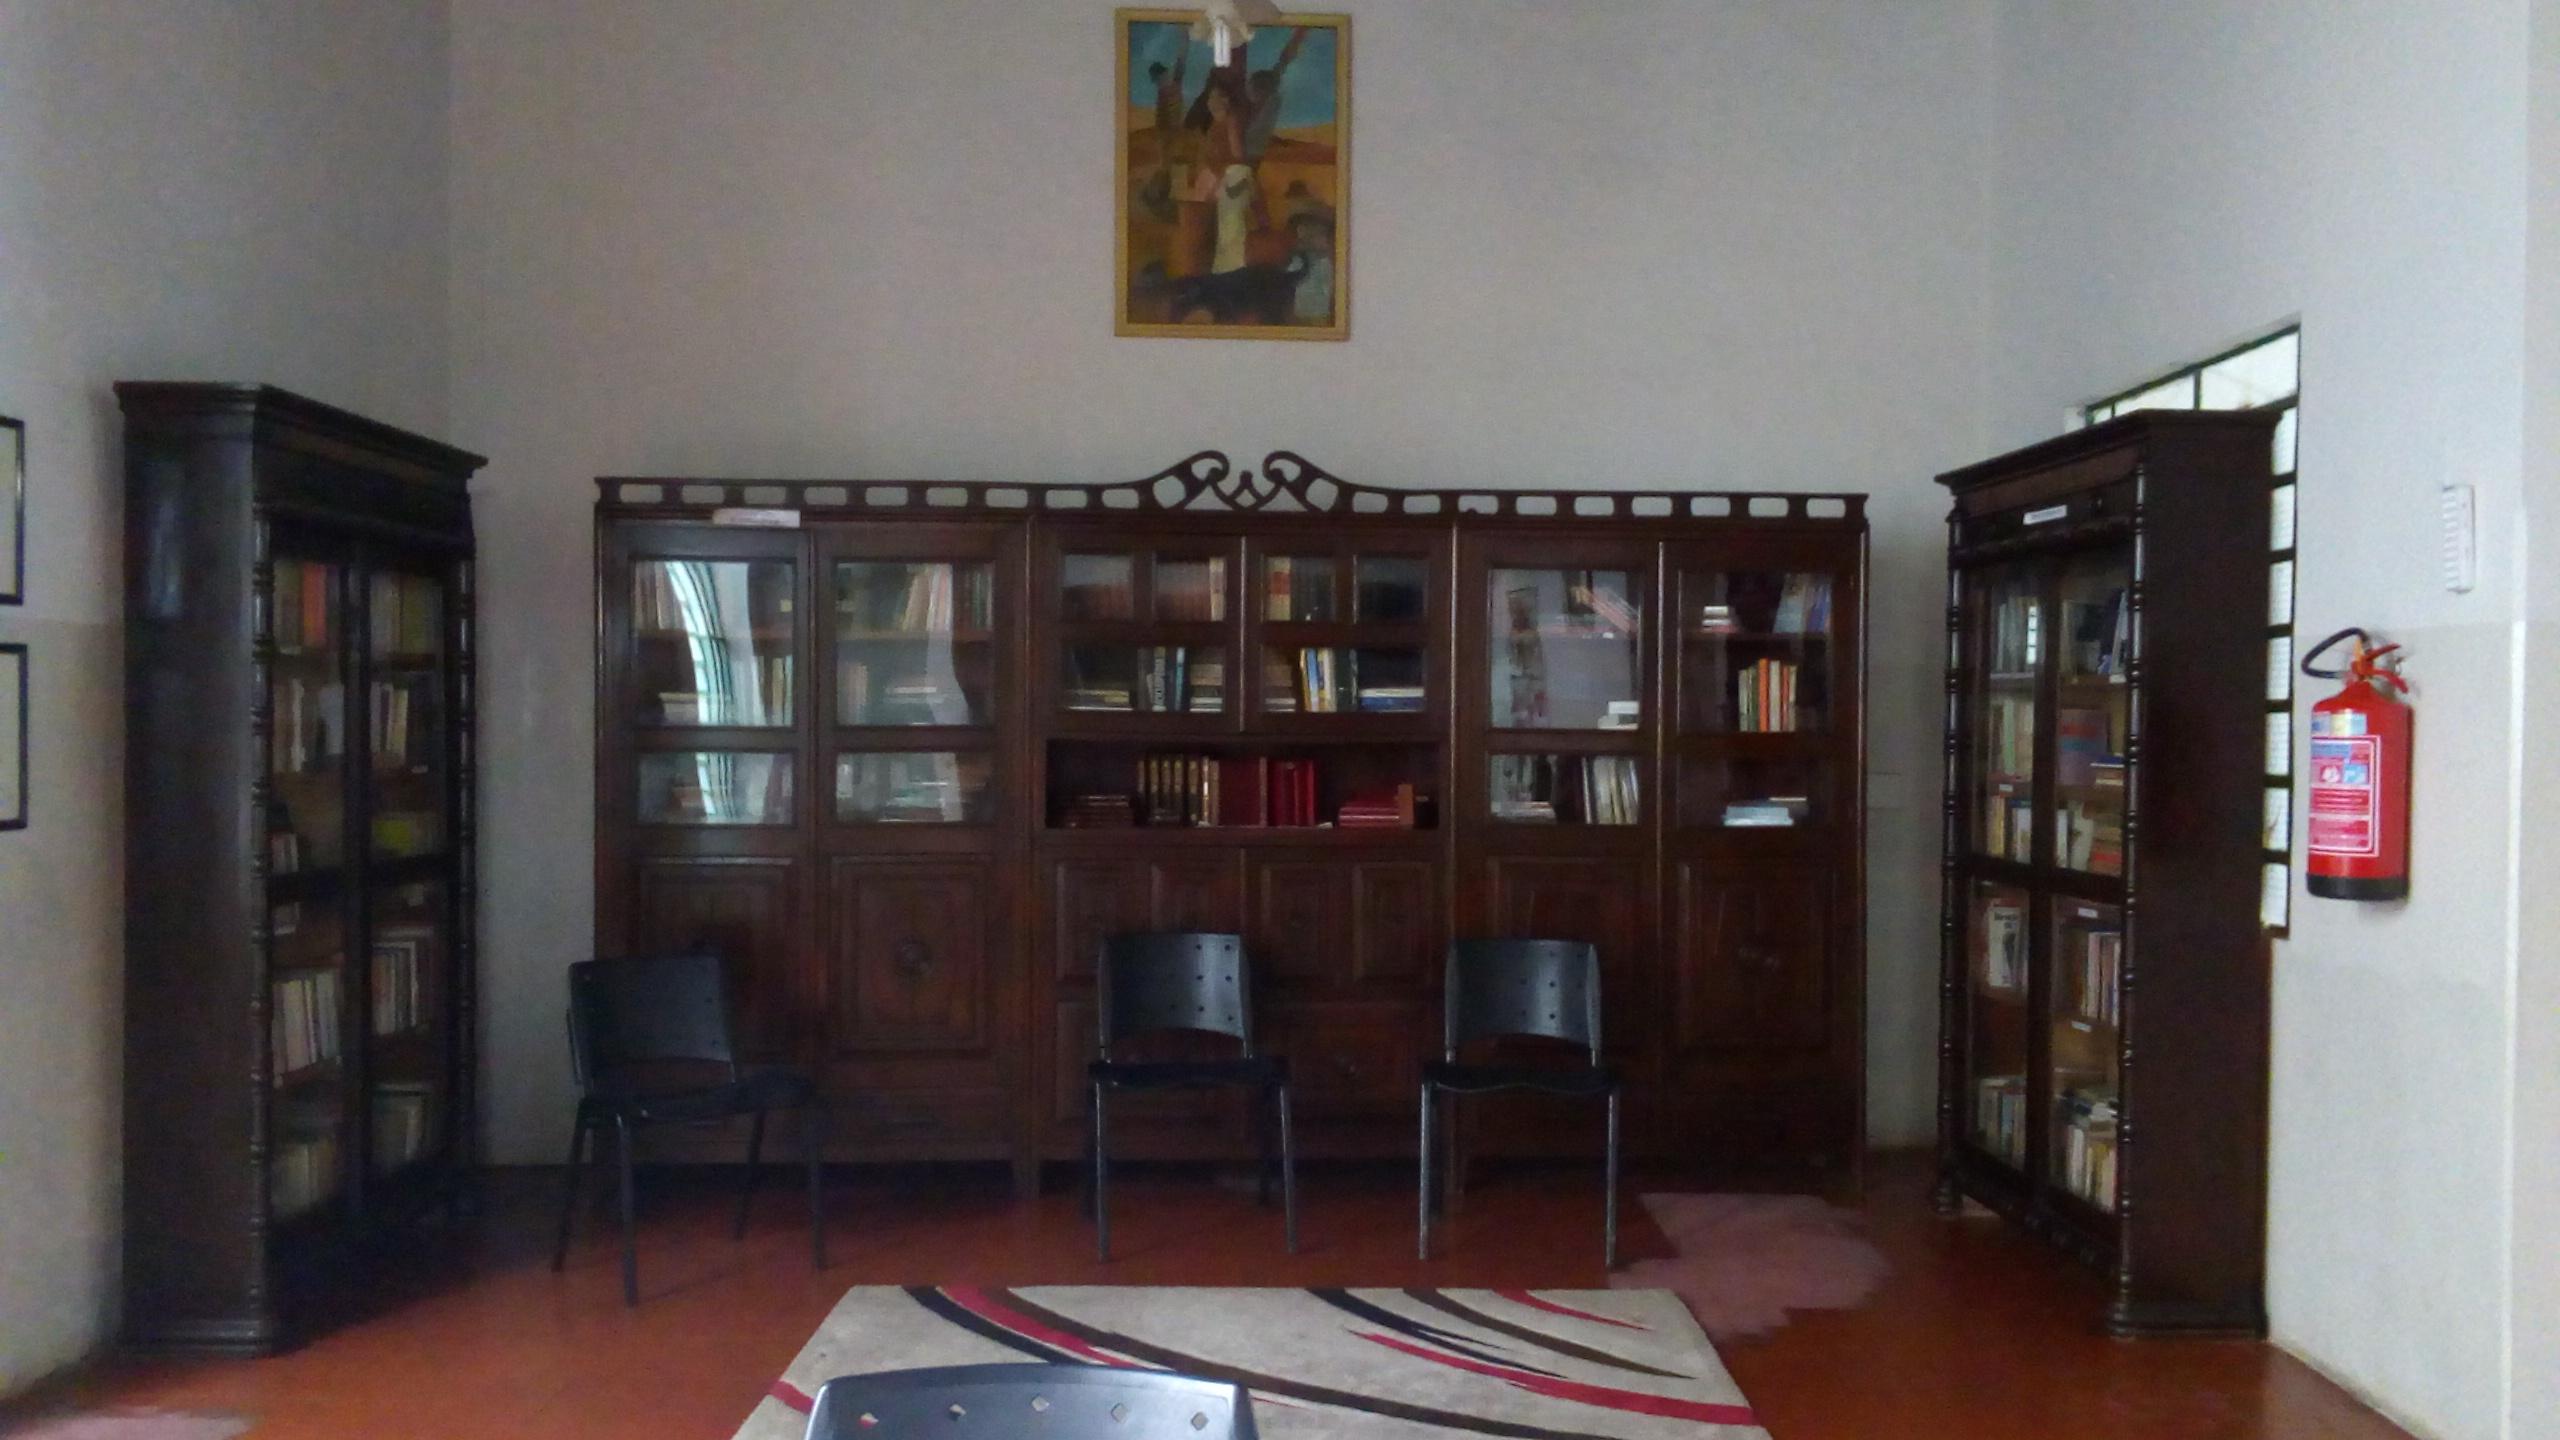 Portal Maranhão:  ambiente de leitura e fonte de pesquisa sobre história literária